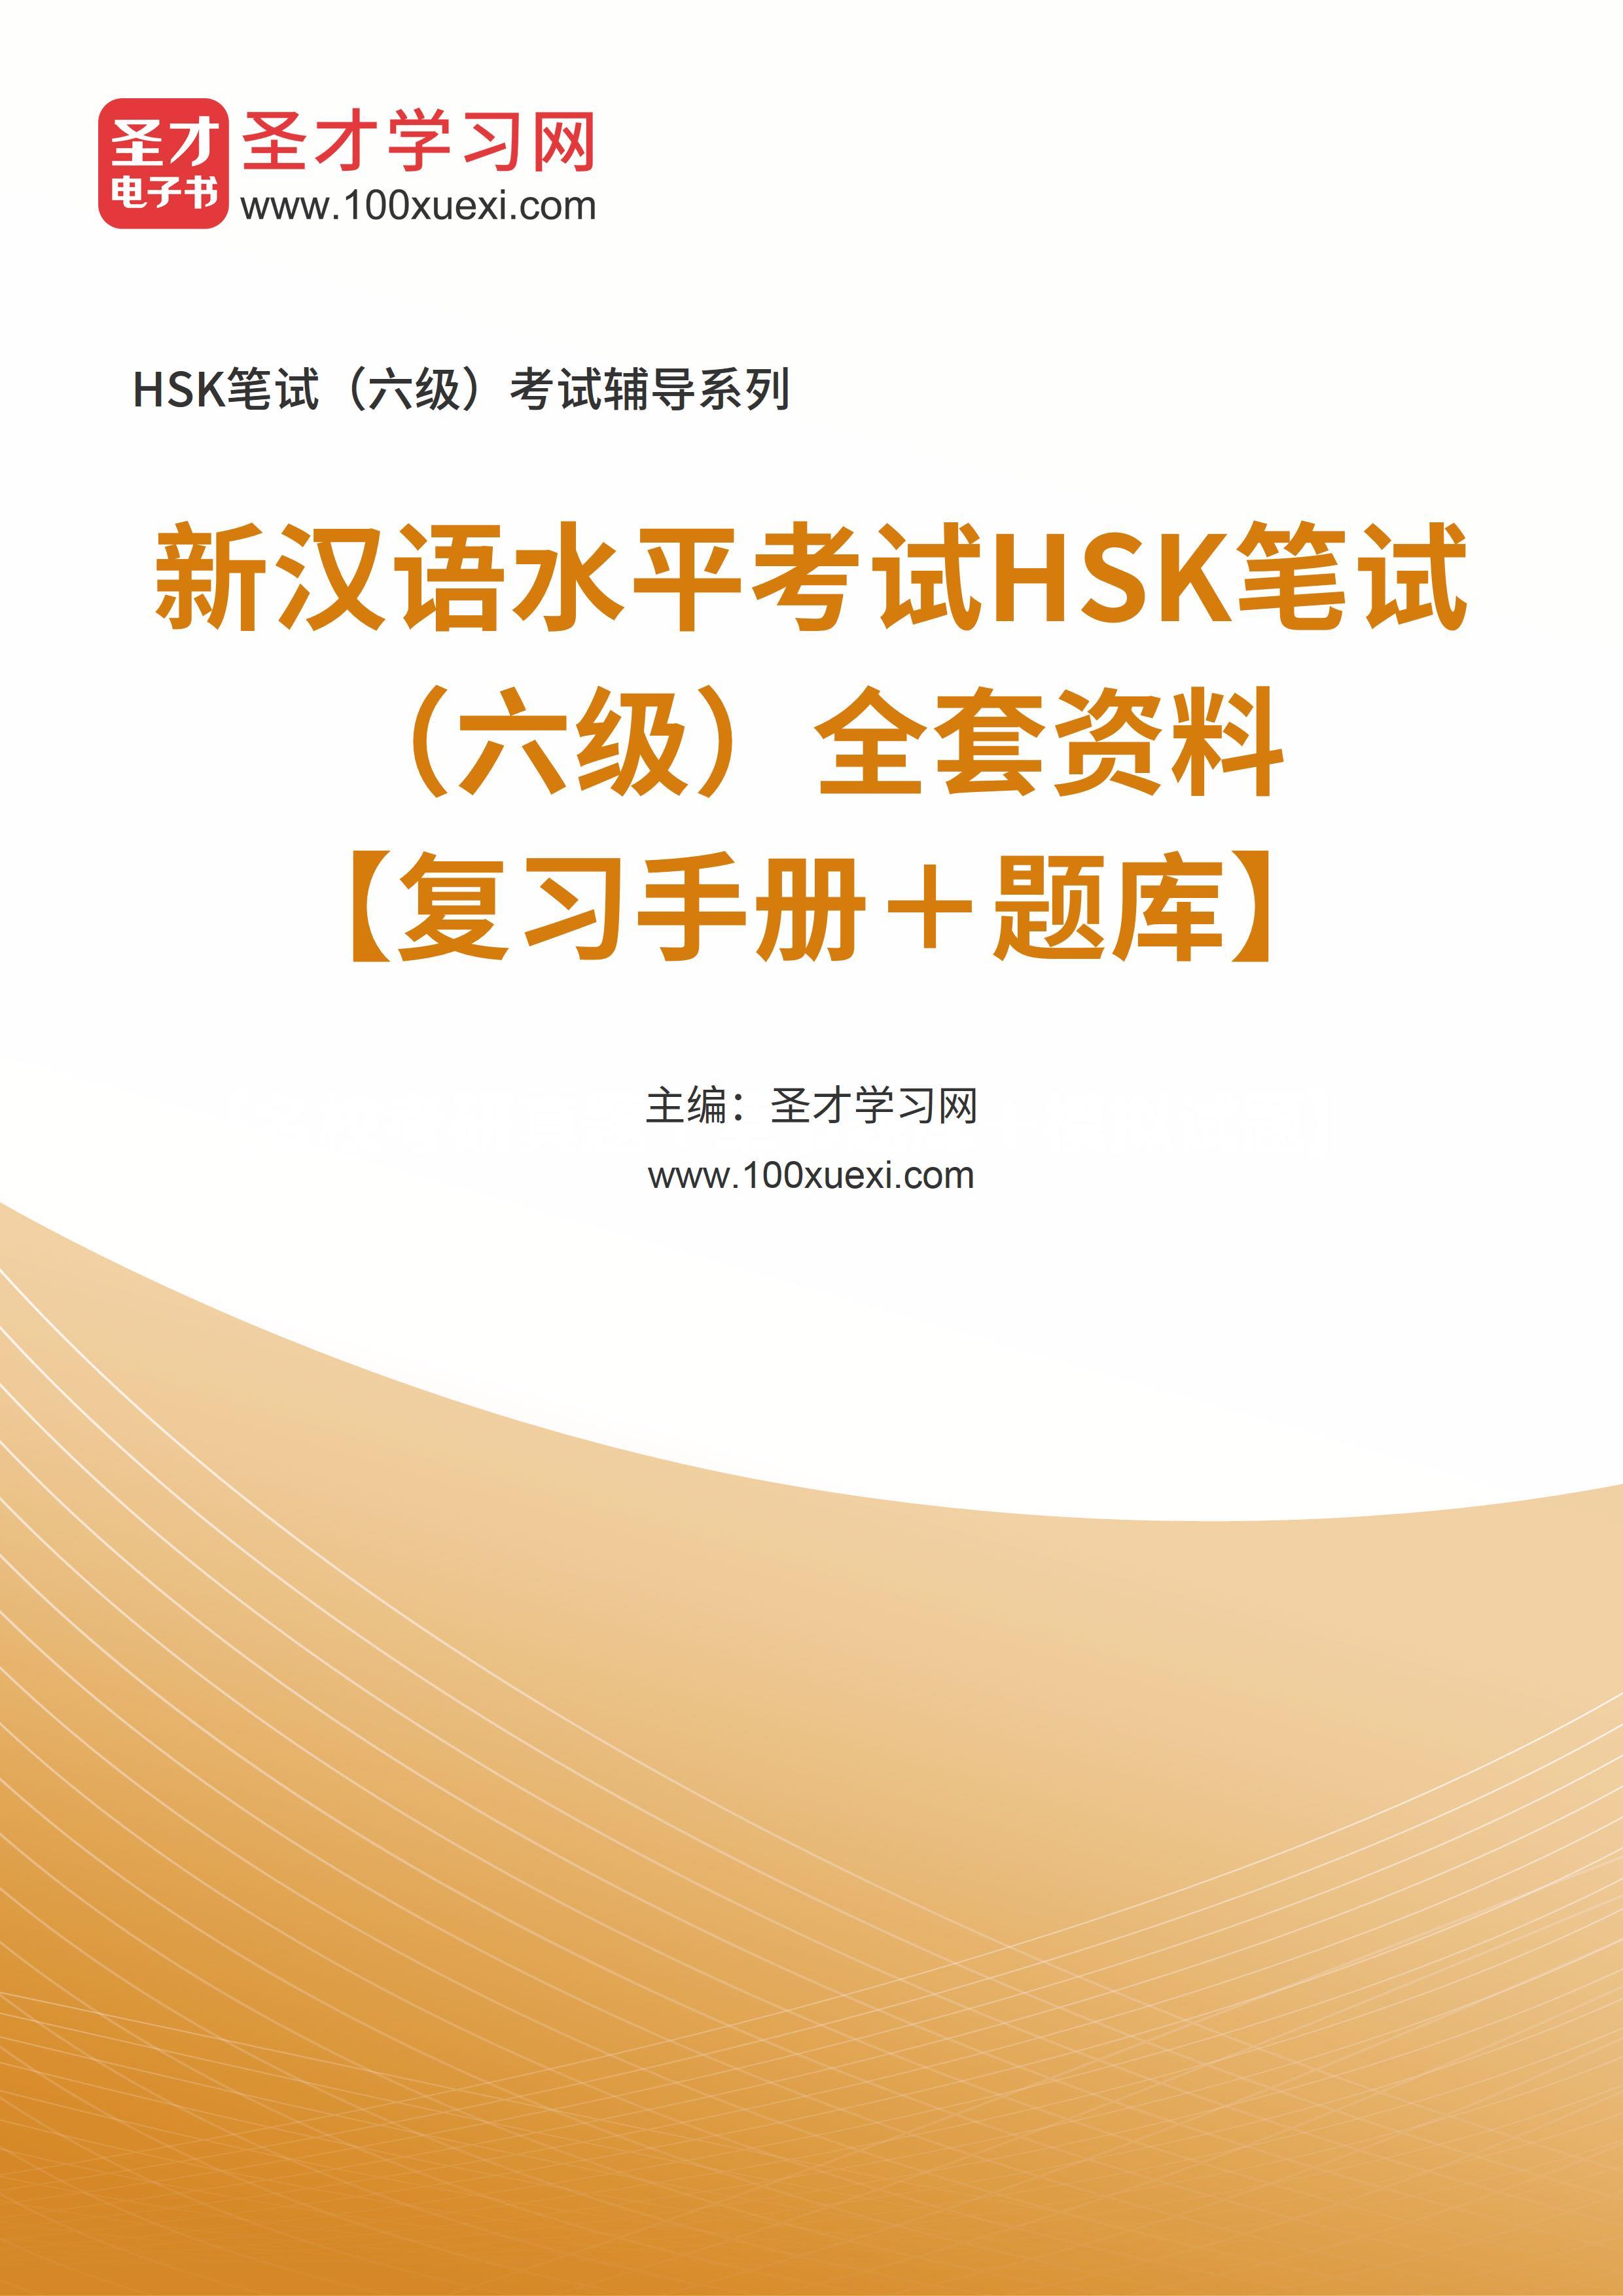 2021年新汉语水平考试HSK笔试(六级)全套资料【复习手册+题库】